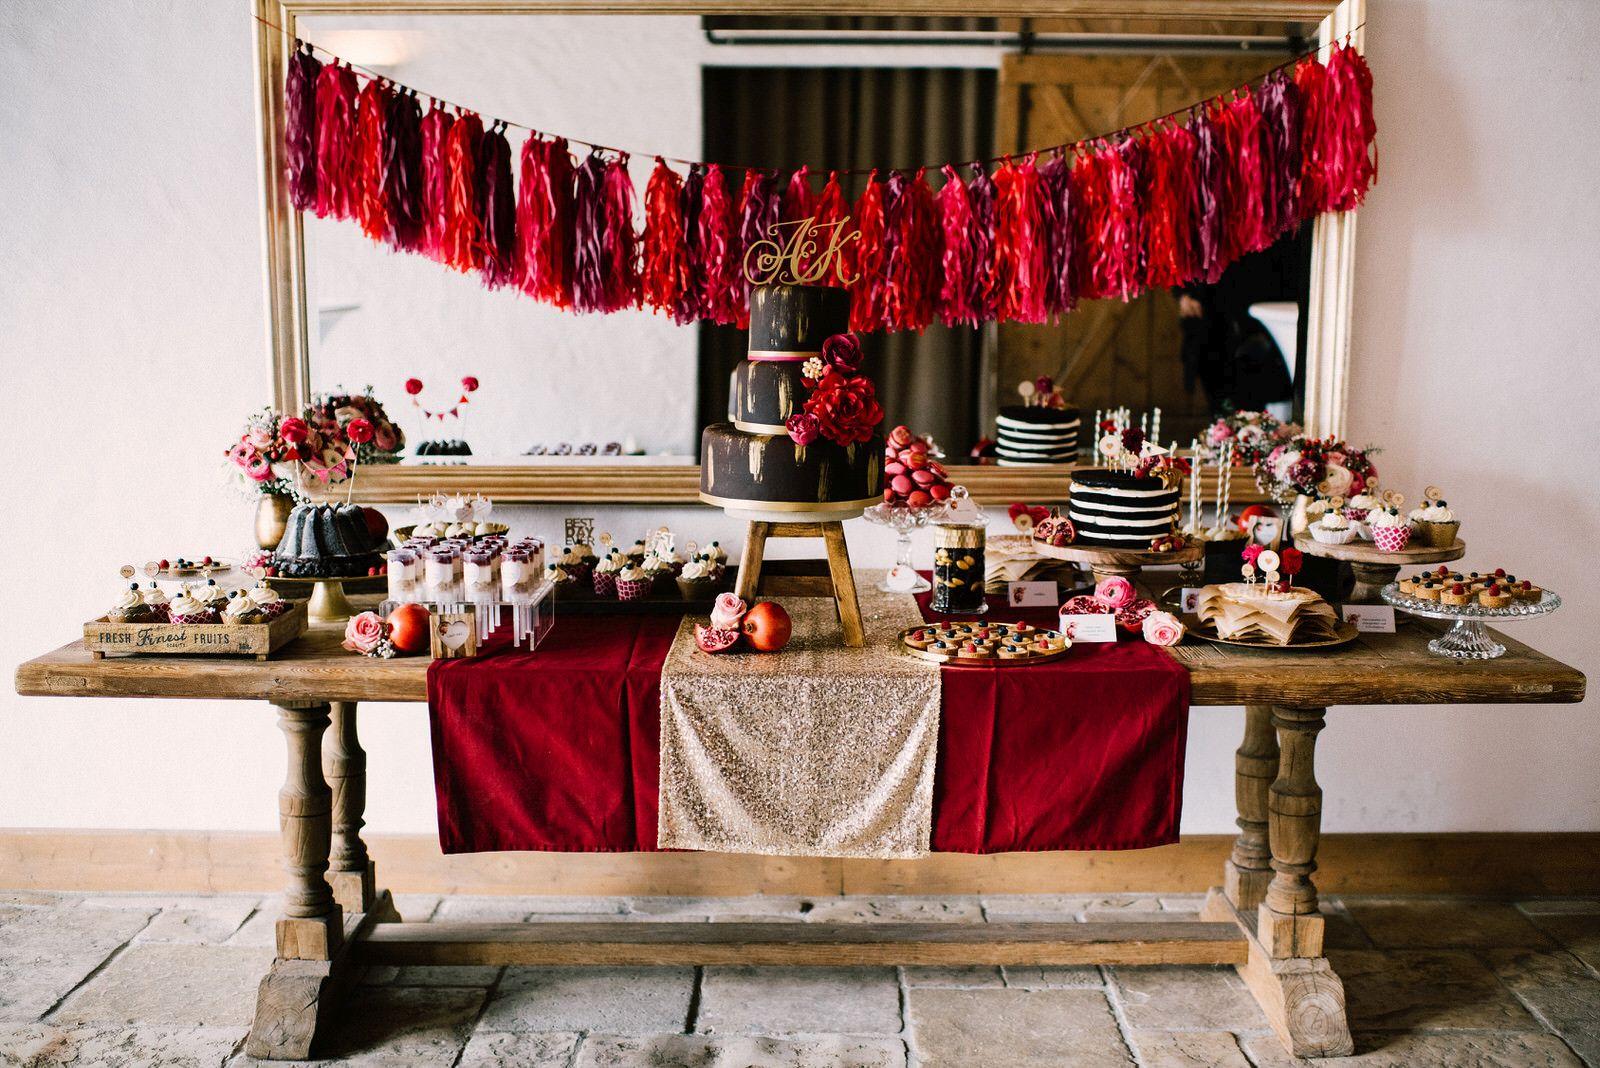 Winterhochzeit-maisenburg_sweet_candy_table.jpg